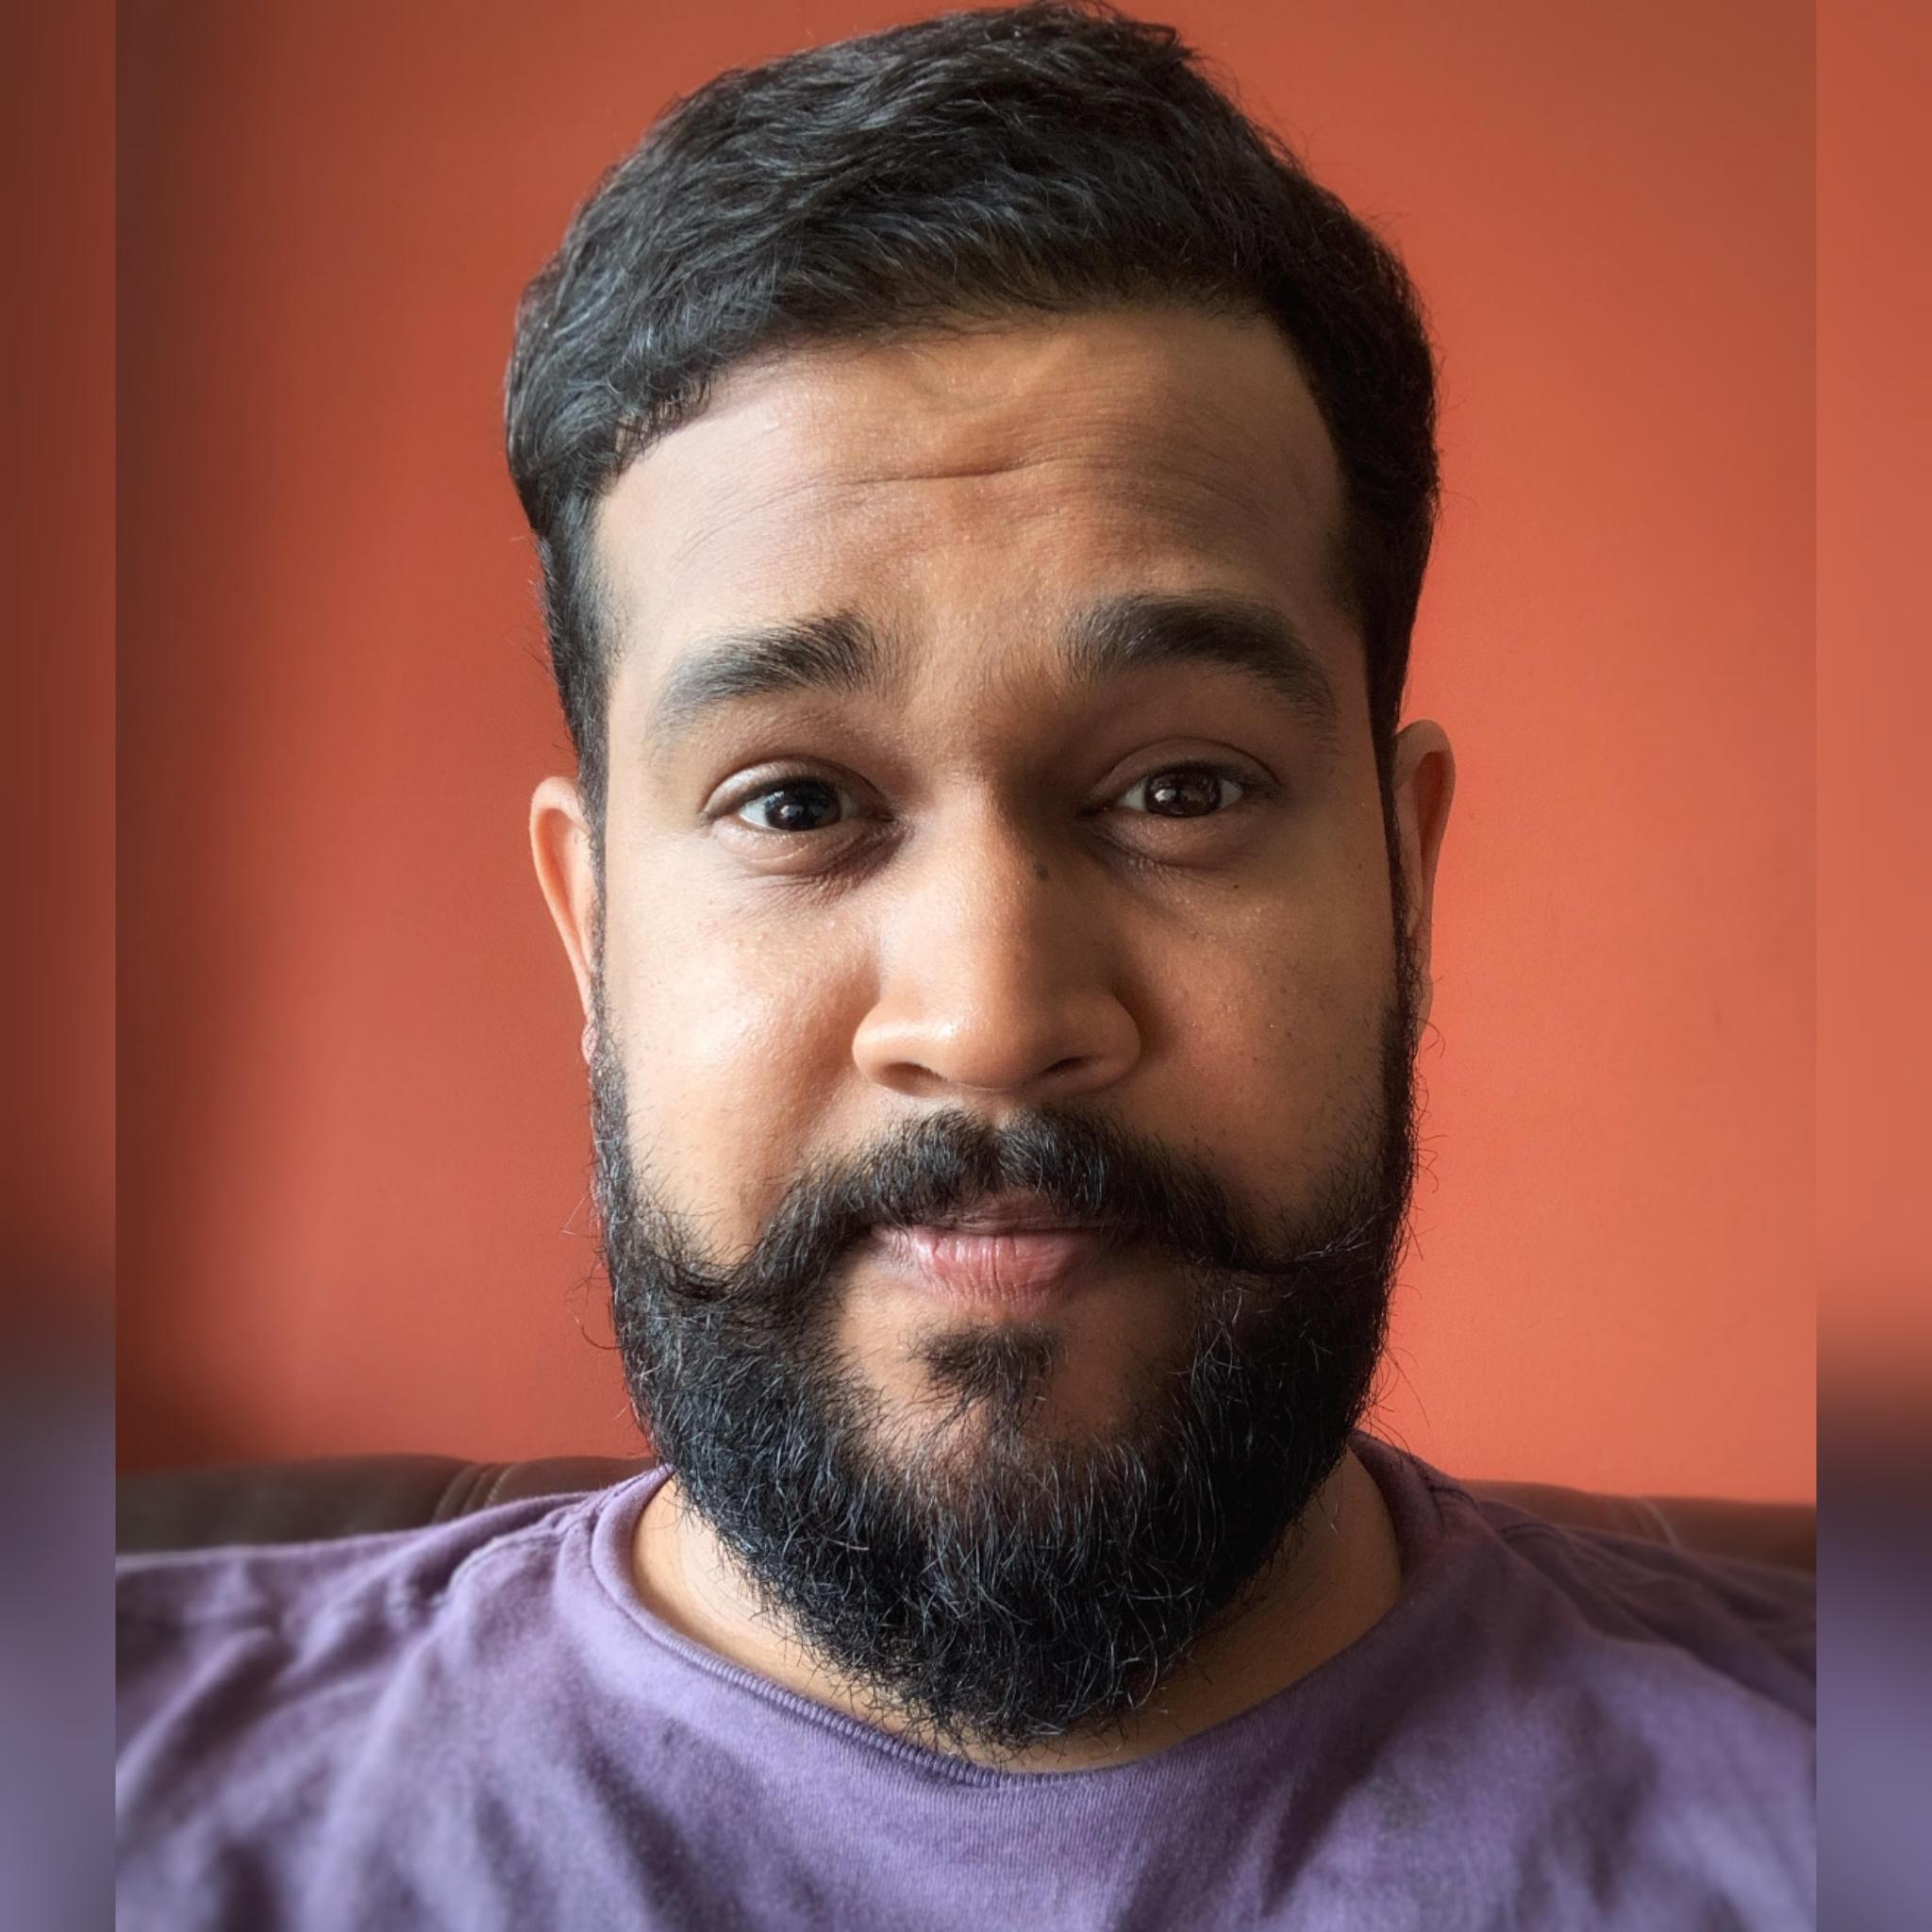 https://indiantelevision.com/sites/default/files/styles/smartcrop_800x800/public/images/tv-images/2021/07/01/photogrid_plus_1625135803162.jpg?itok=drJECId4